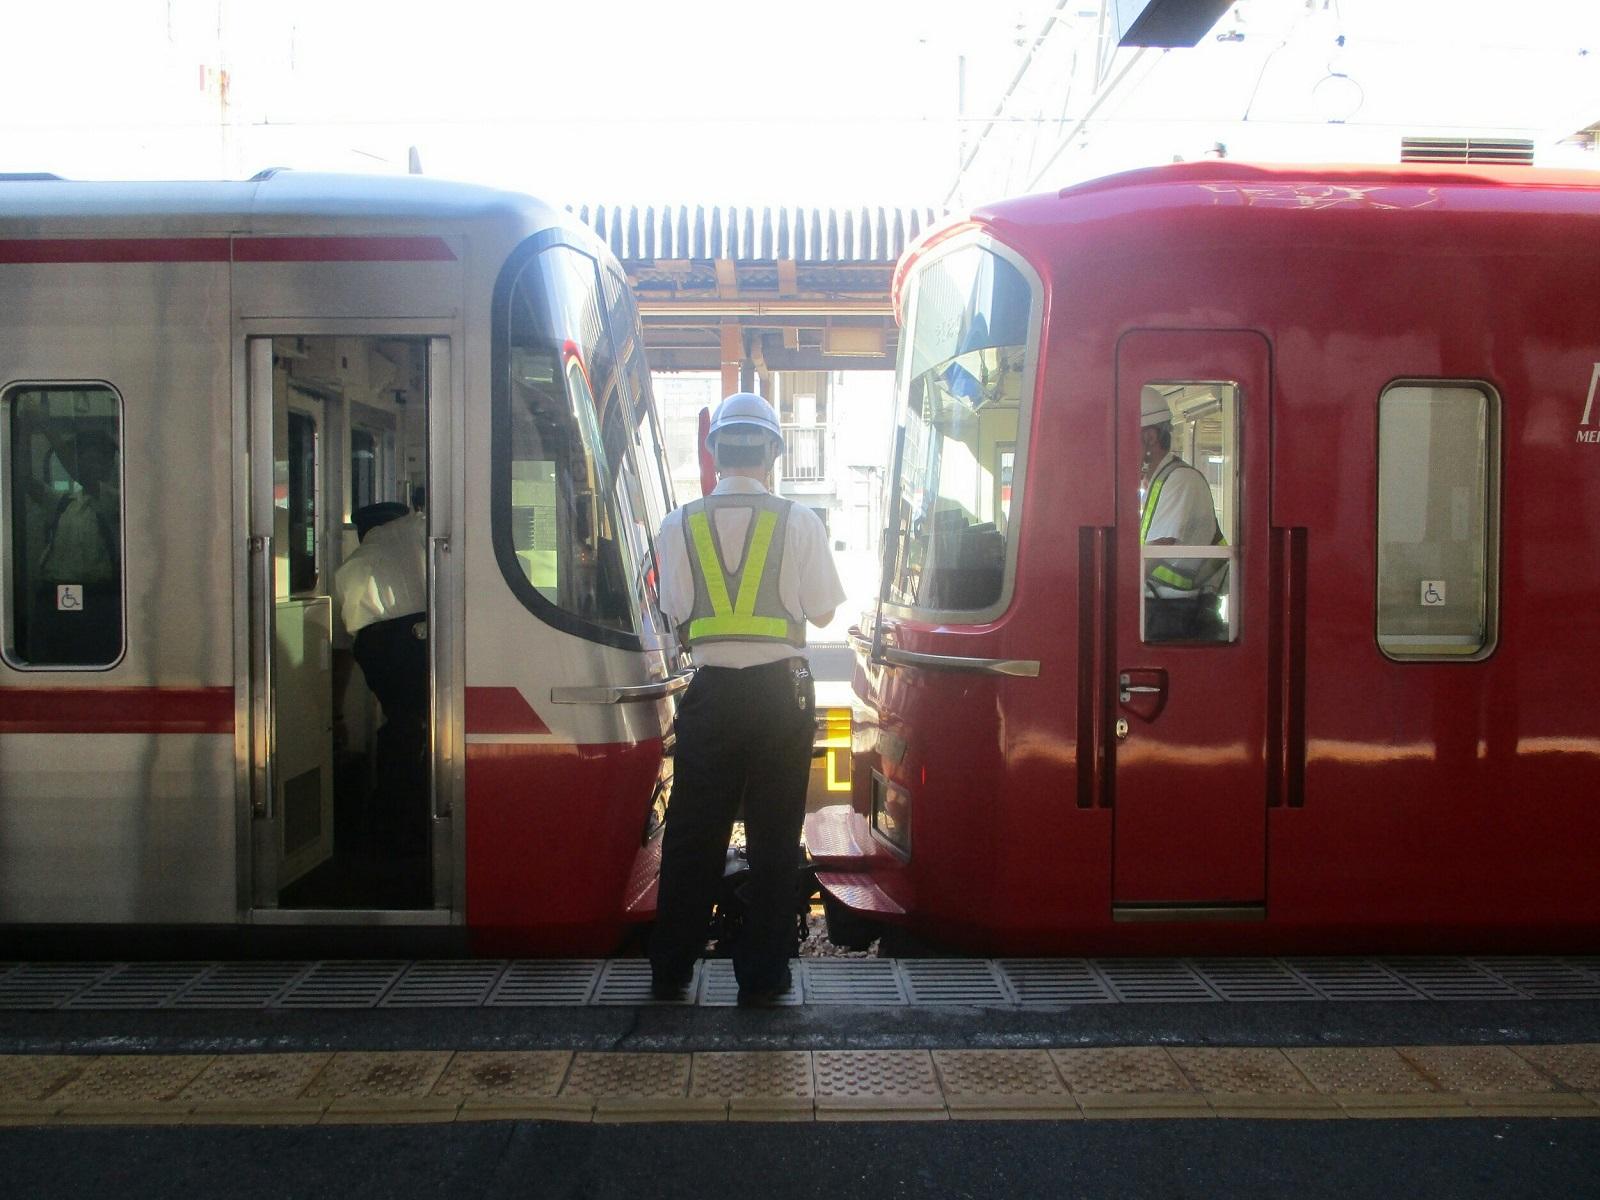 2018.8.17 (3) 東岡崎 - 伊奈いき急行 1600-1200